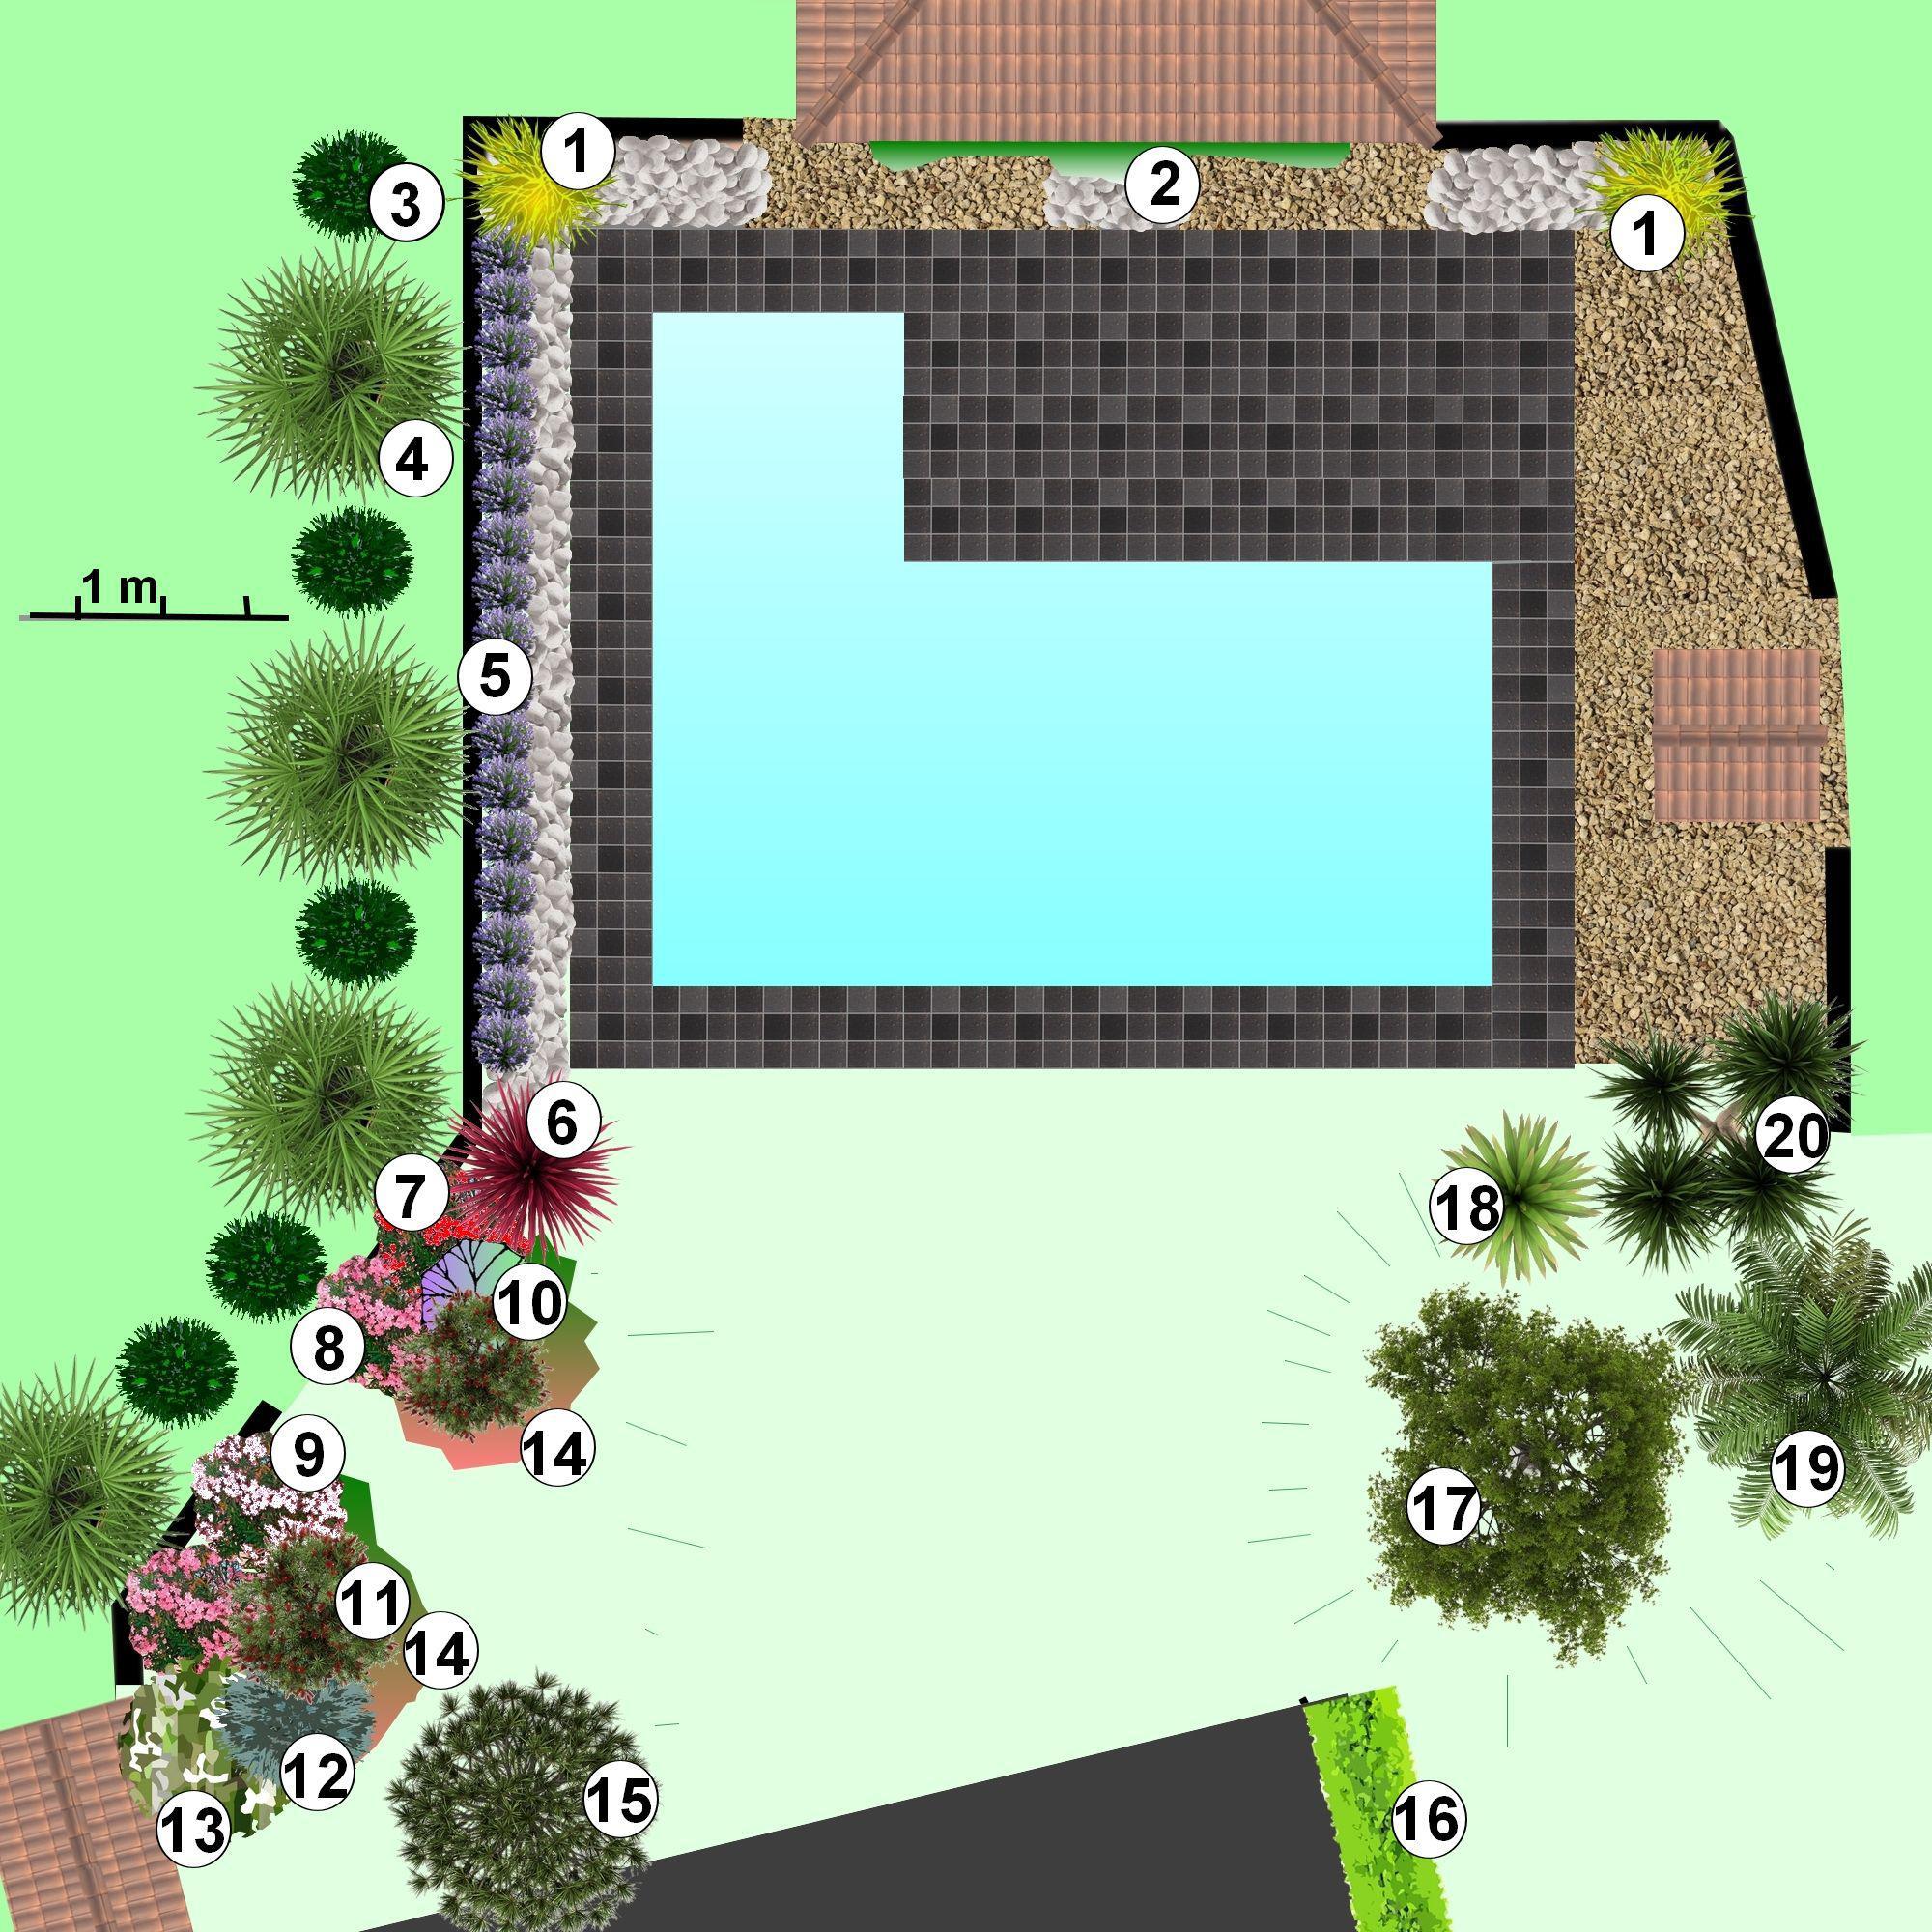 faire un jardin autour d'une piscine, planter les abords d'une